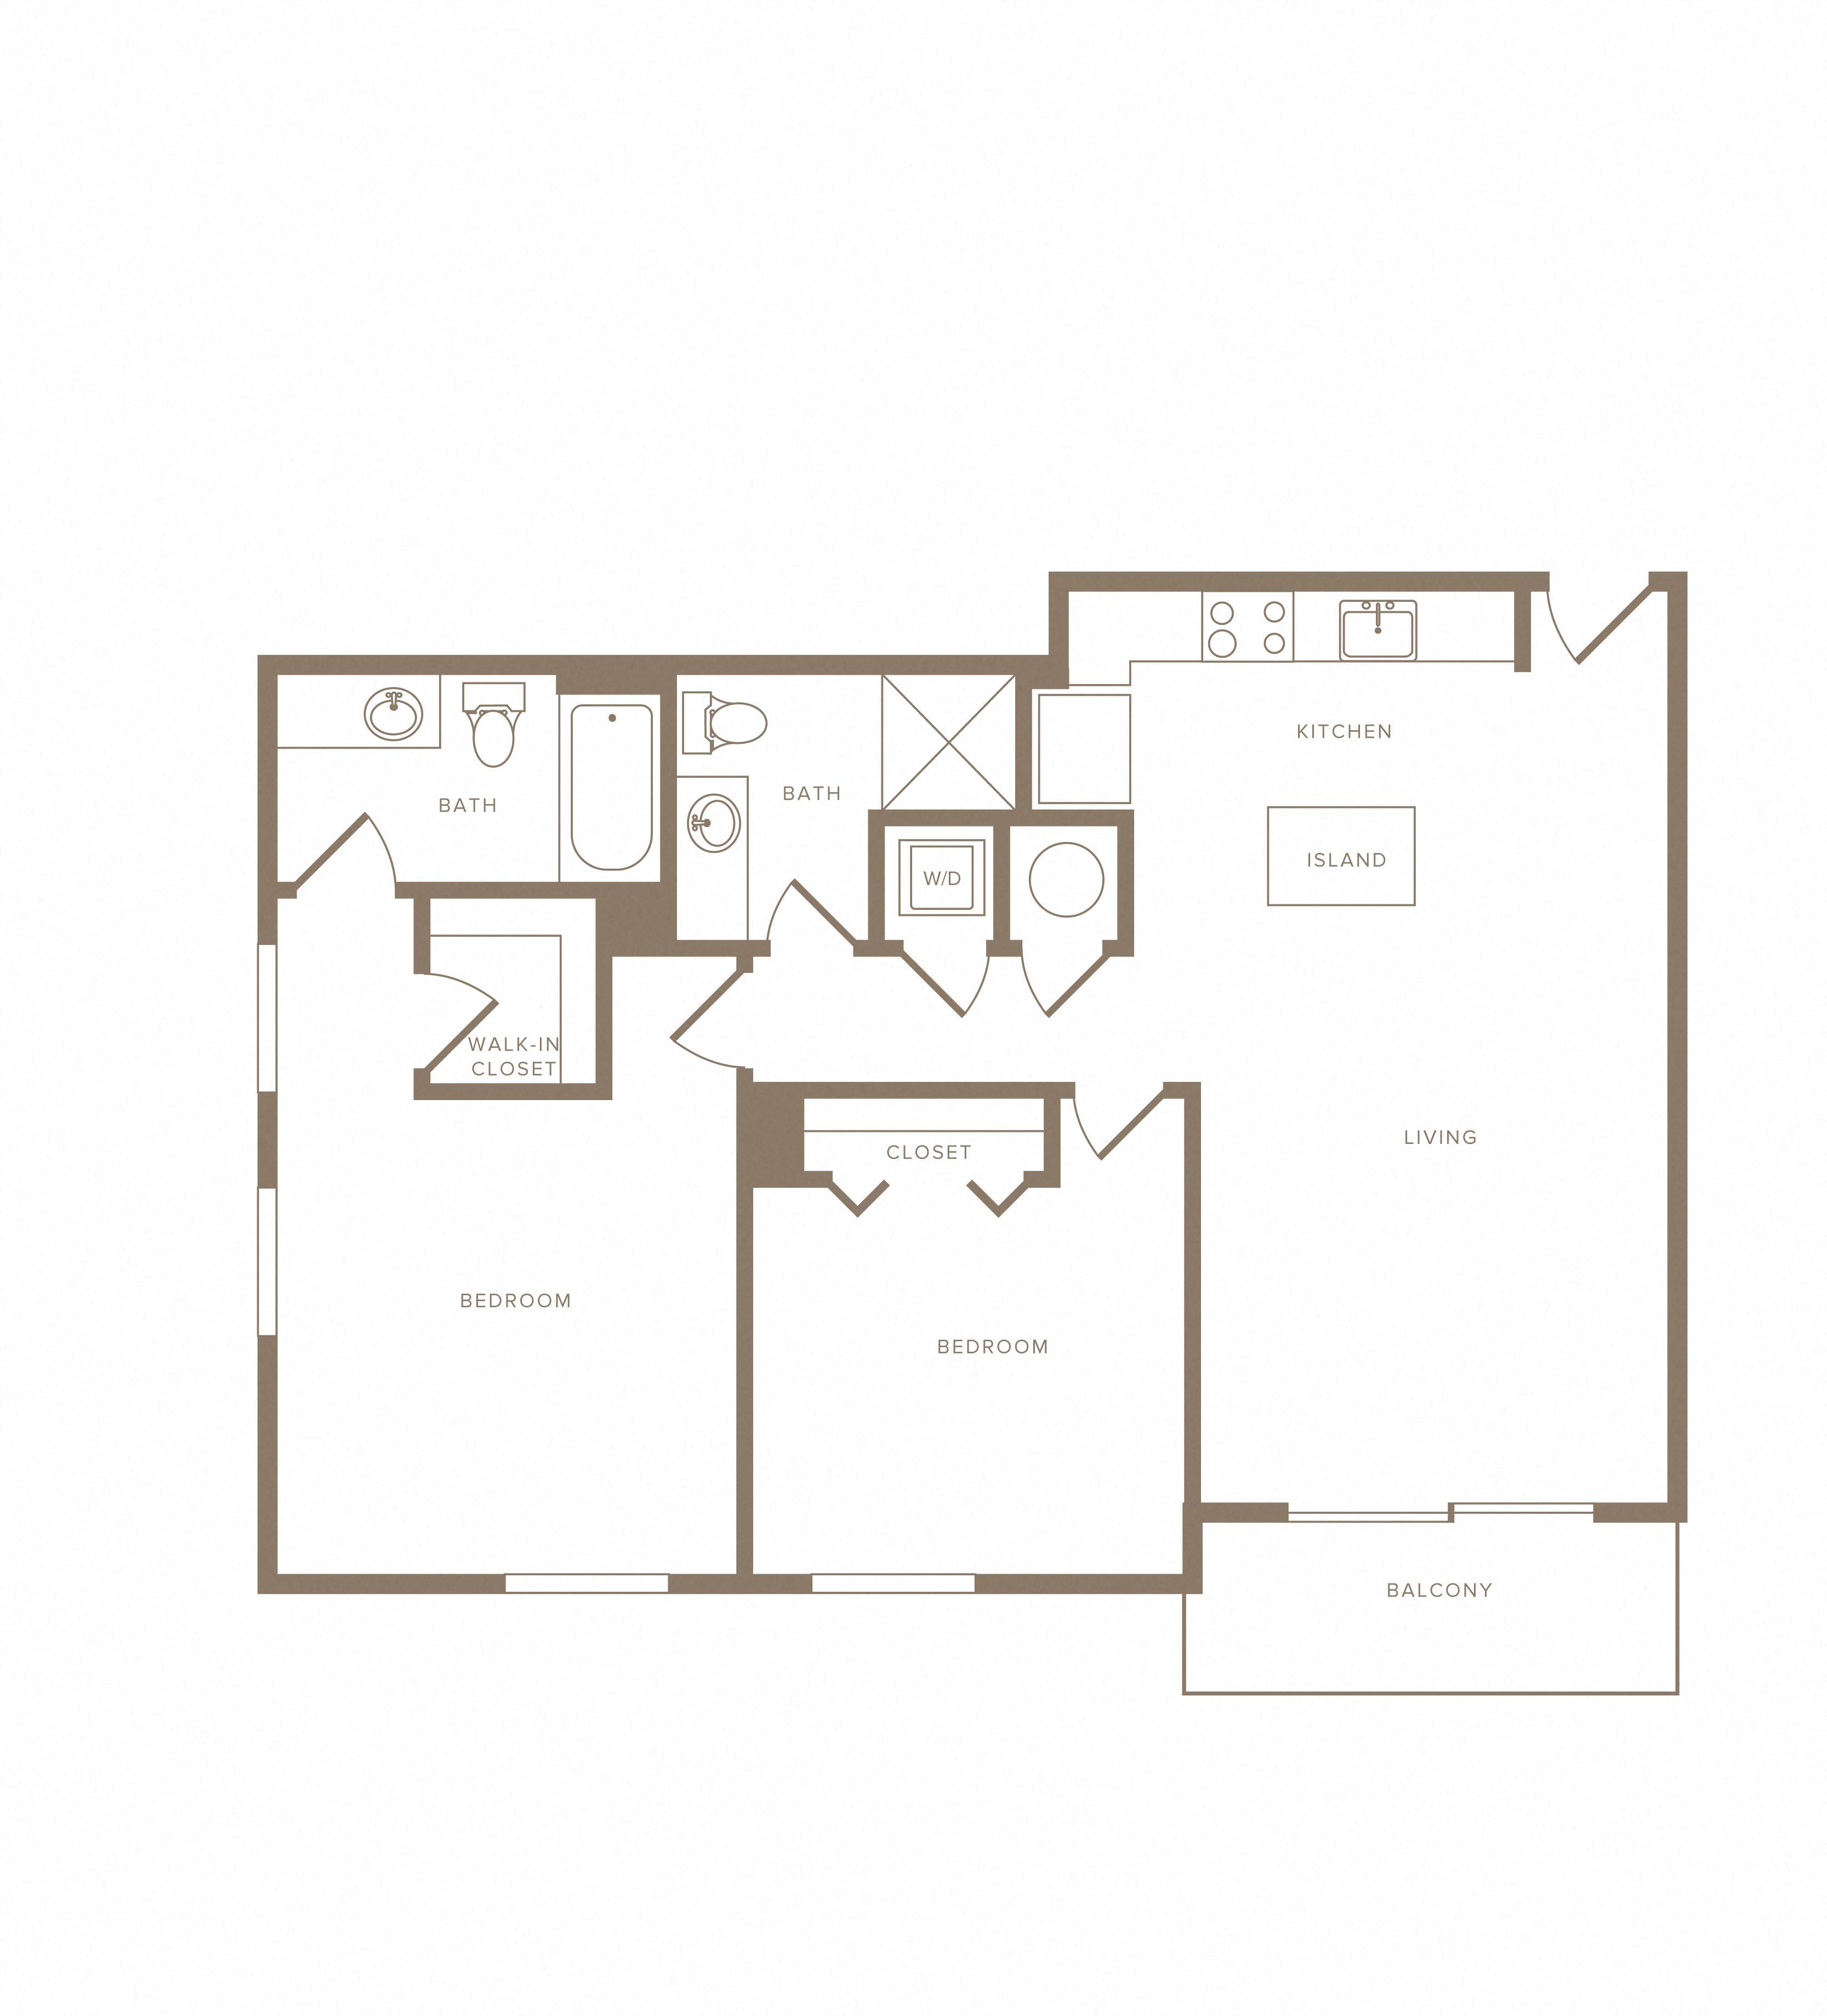 Apartment C-501 floorplan